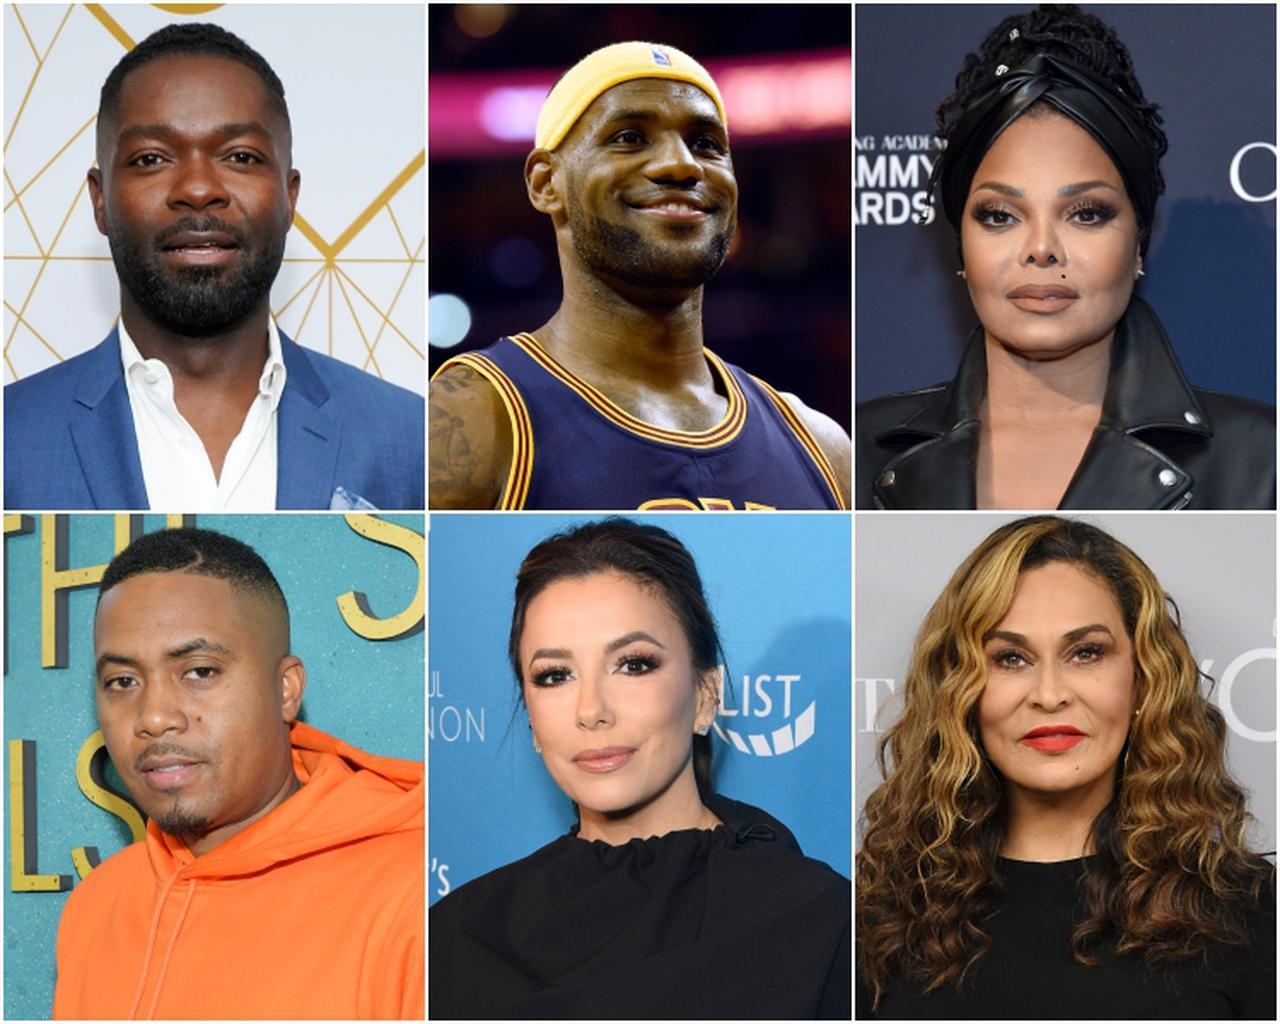 画像: 上段左から:デヴィッド・オイェロウォ、レブロン・ジェームス、ジャネット・ジャクソン、下段左から:ナズ、エヴァ・ロンゴリア、ティナ・ノウルズ